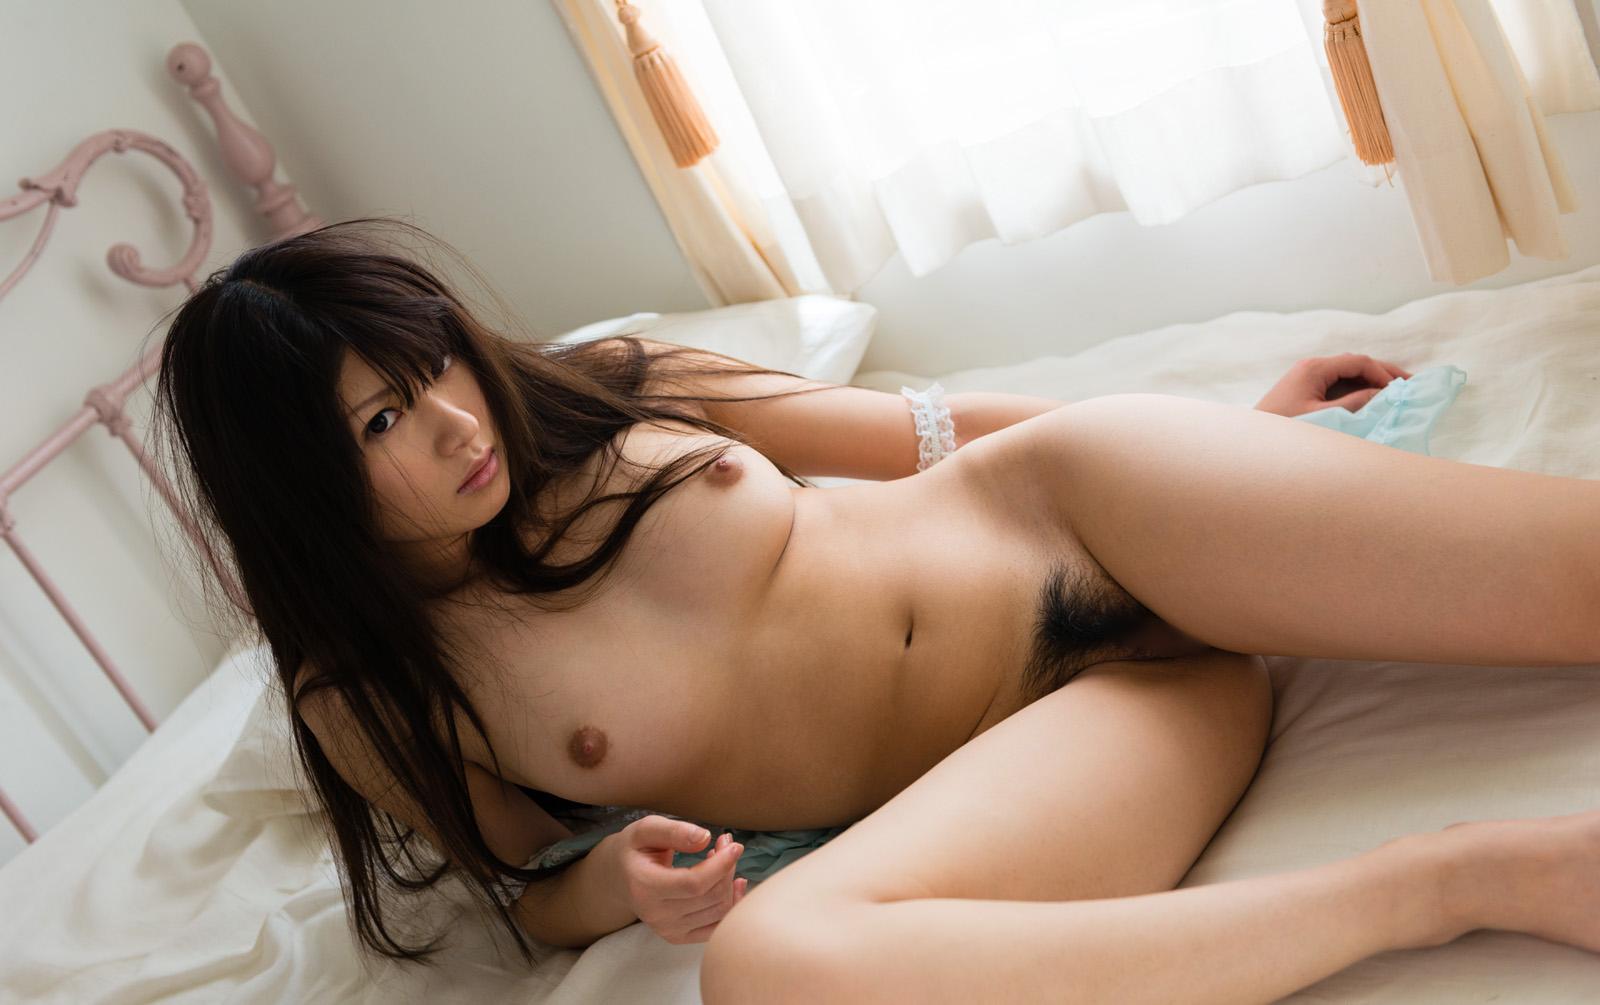 緒川りお 画像 58